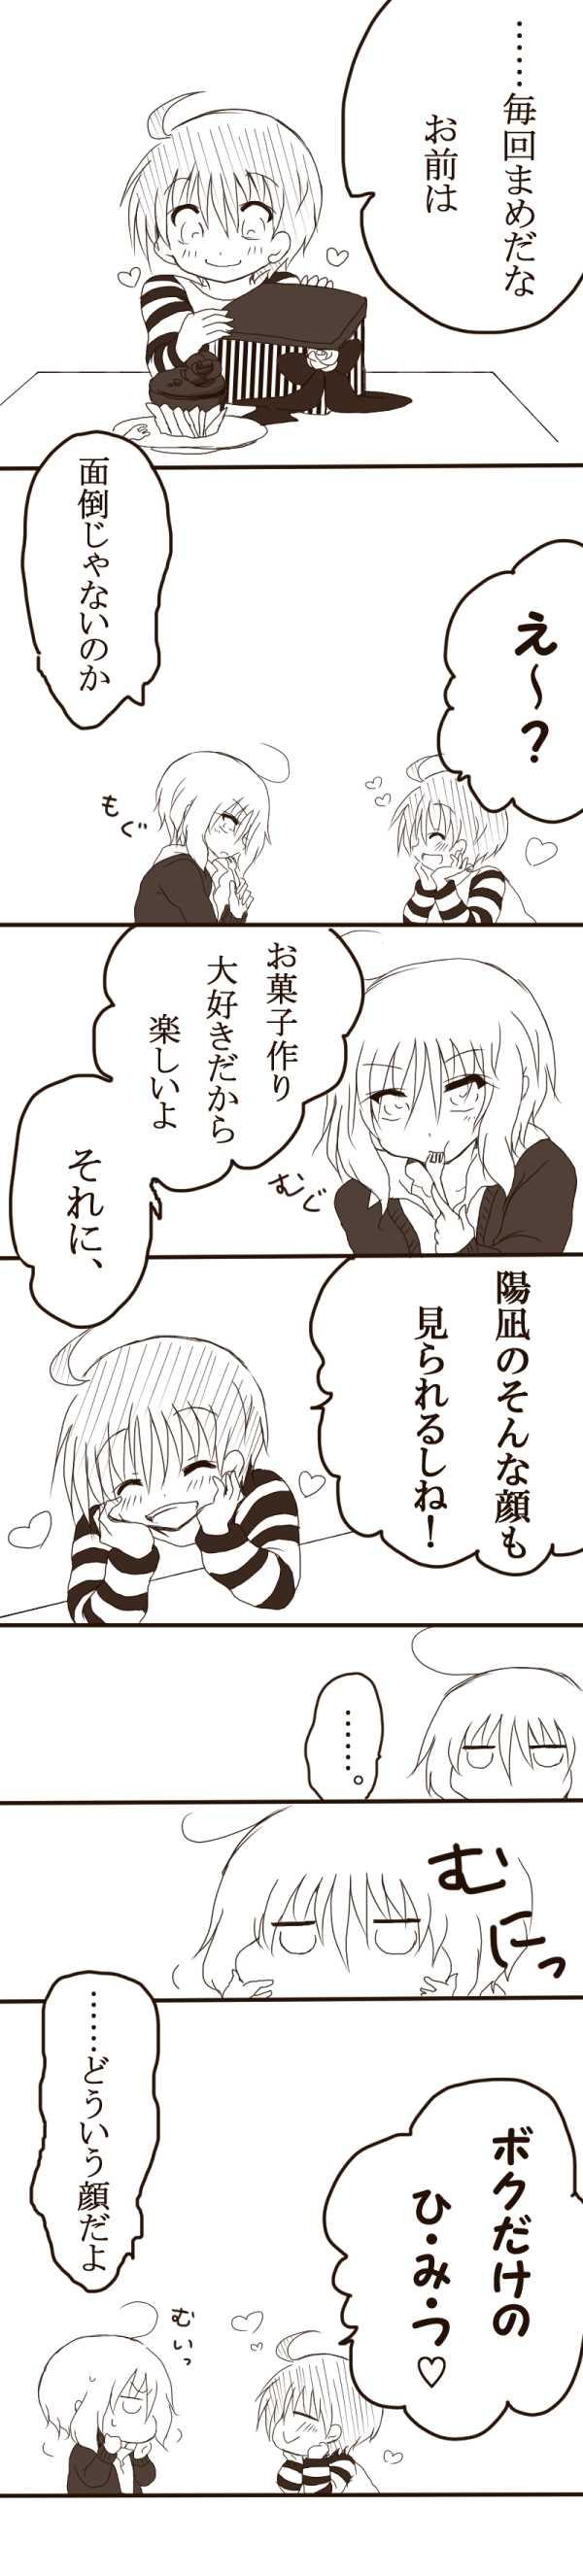 バレンタイン漫画2018